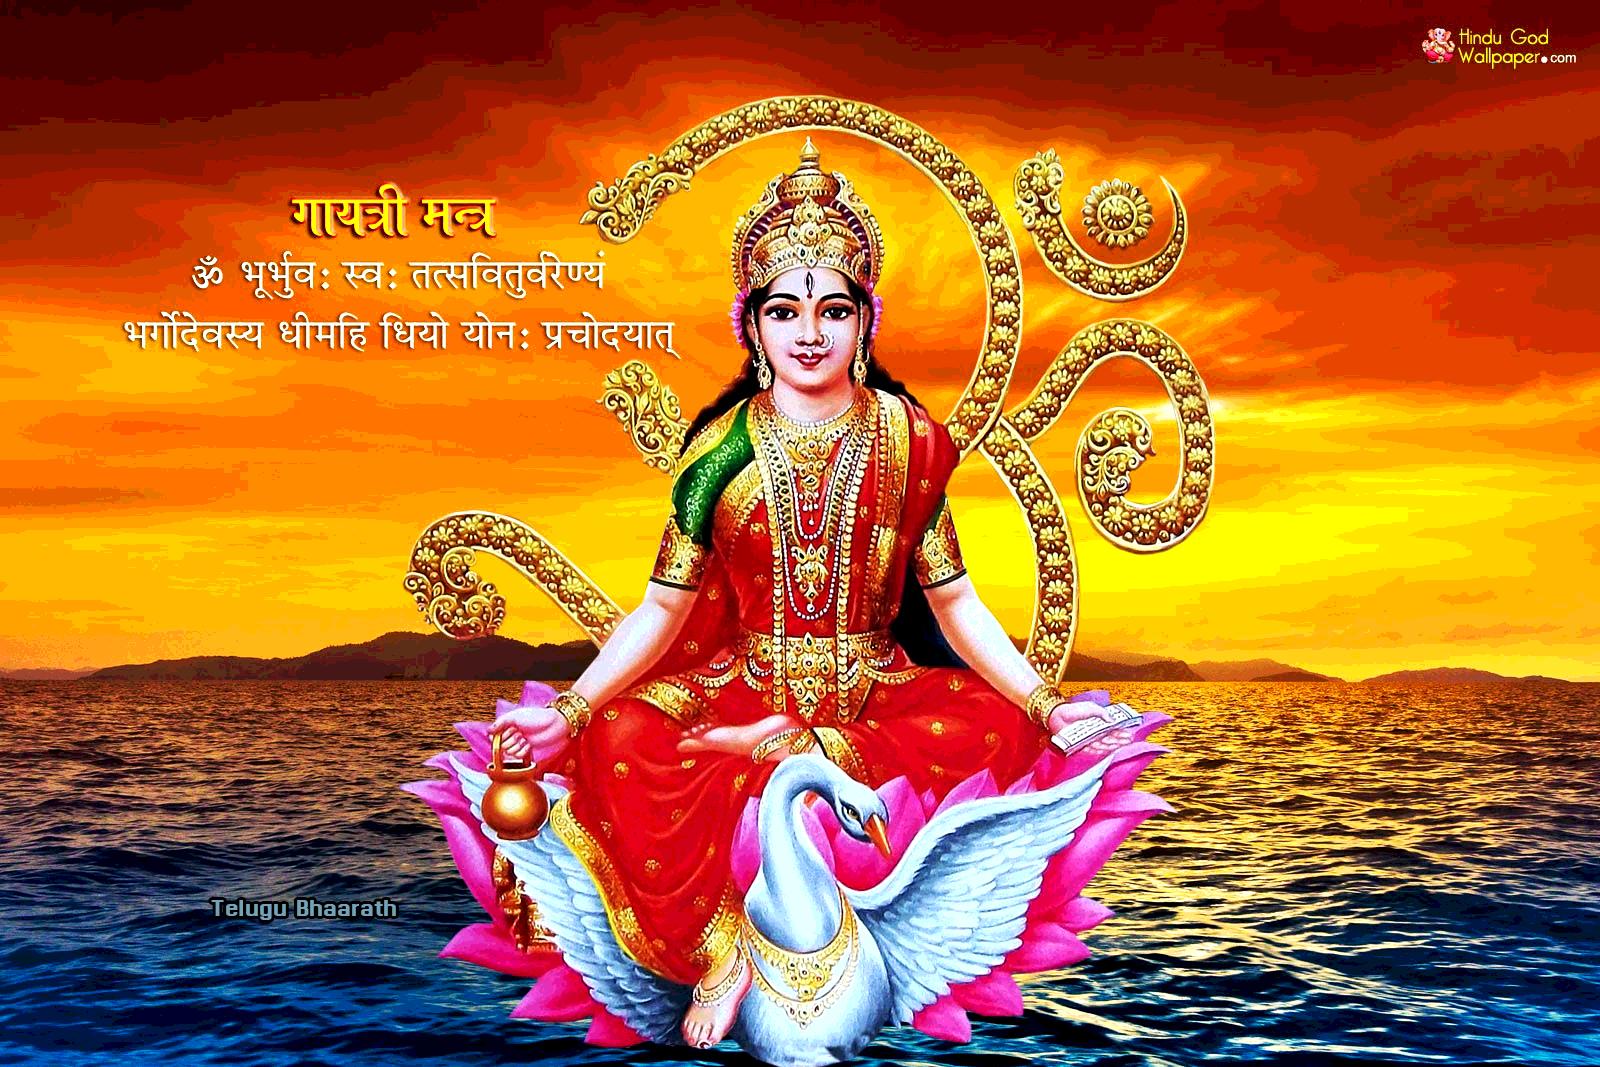 గాయత్రి మంత్రం ఘనాపాఠం - Gayatri Mantram Ghanapatham